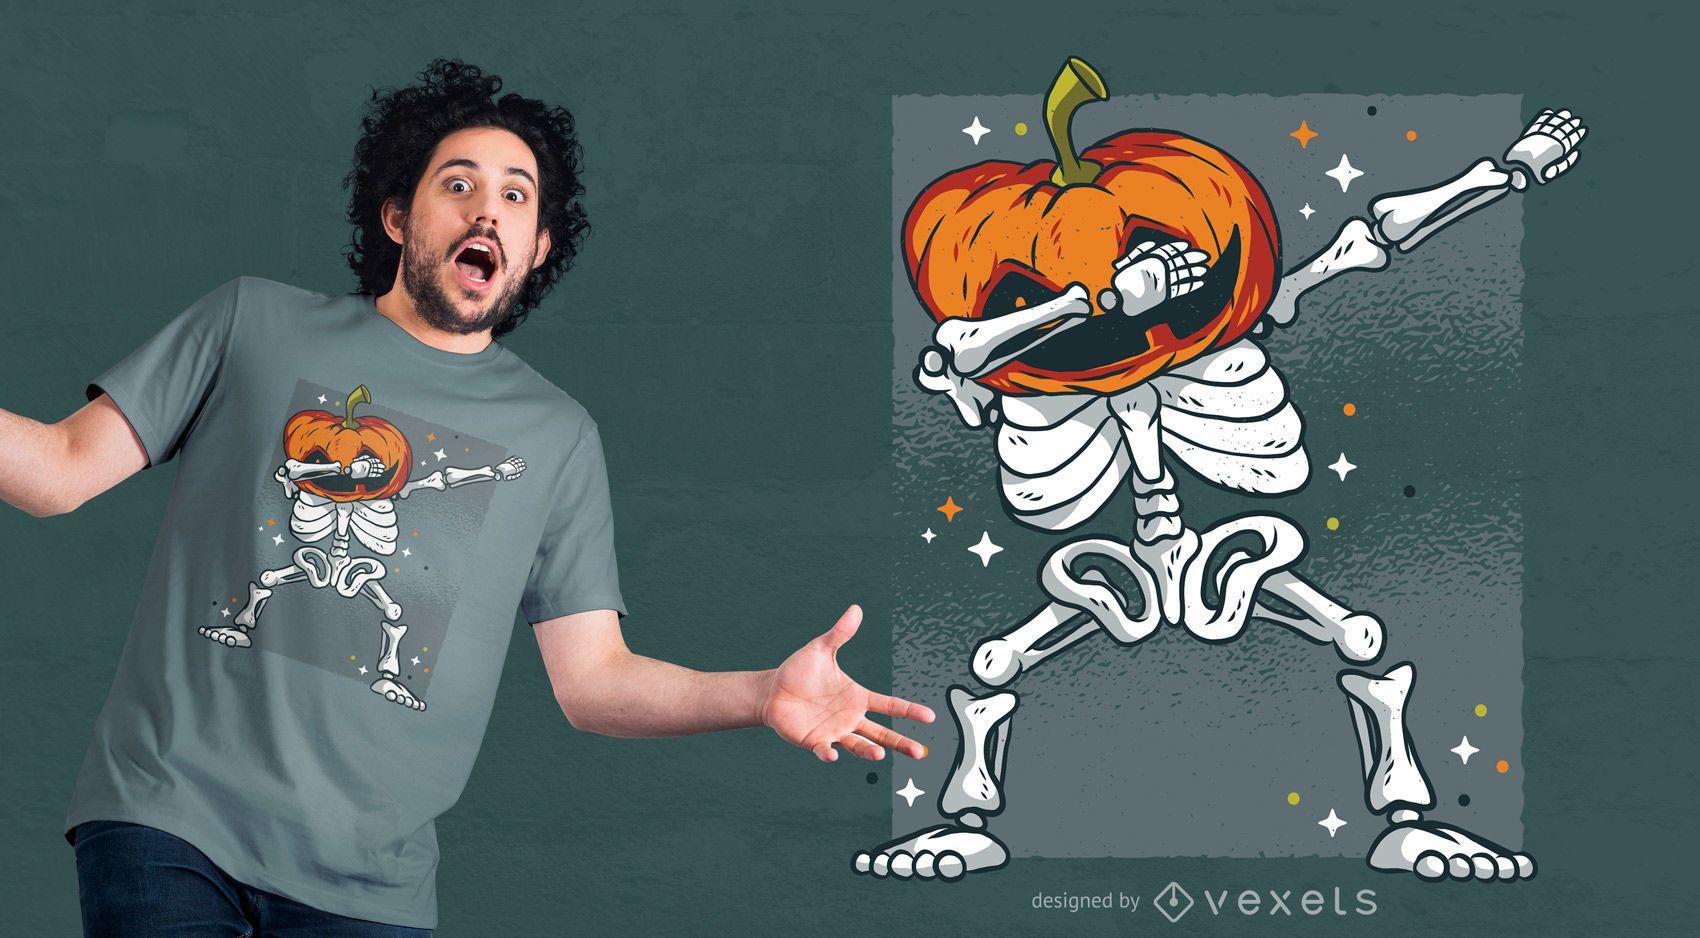 Dise?o de camiseta Skeleton Dab